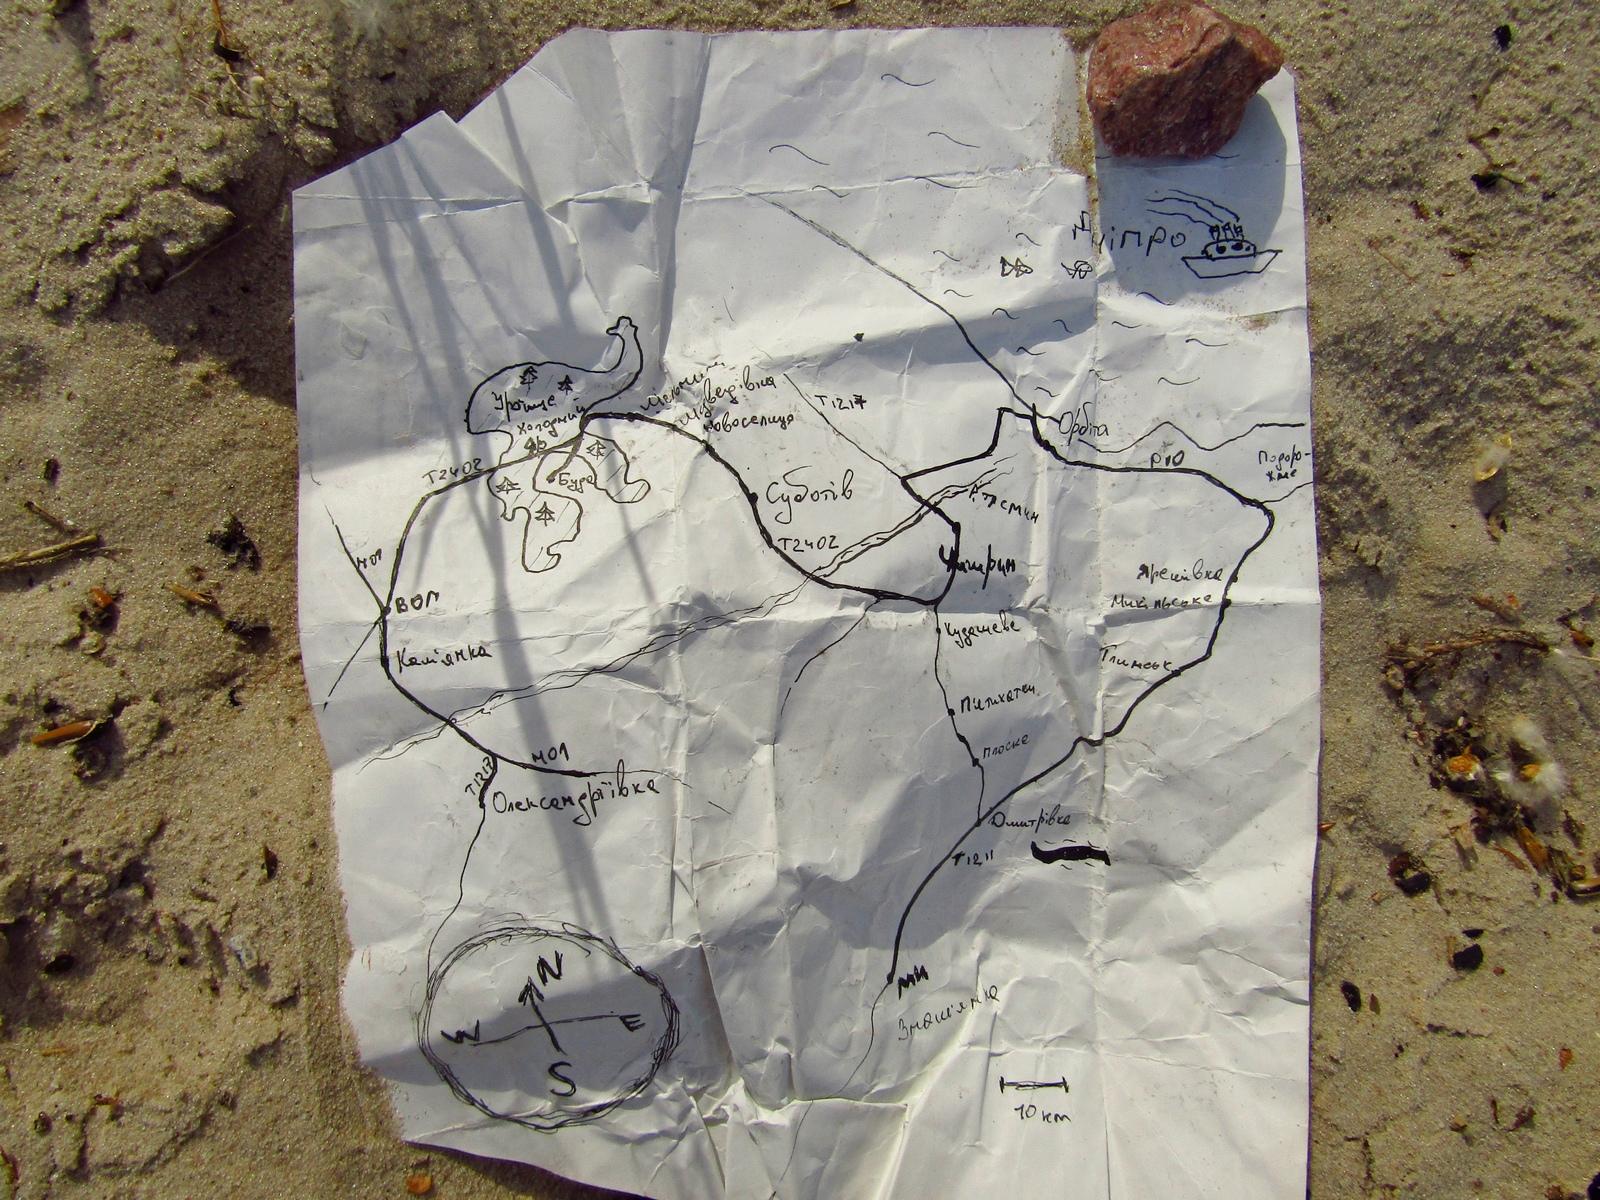 Карта місцевості. Чигирин, Суботів, Холодний Яр, Орбіта.